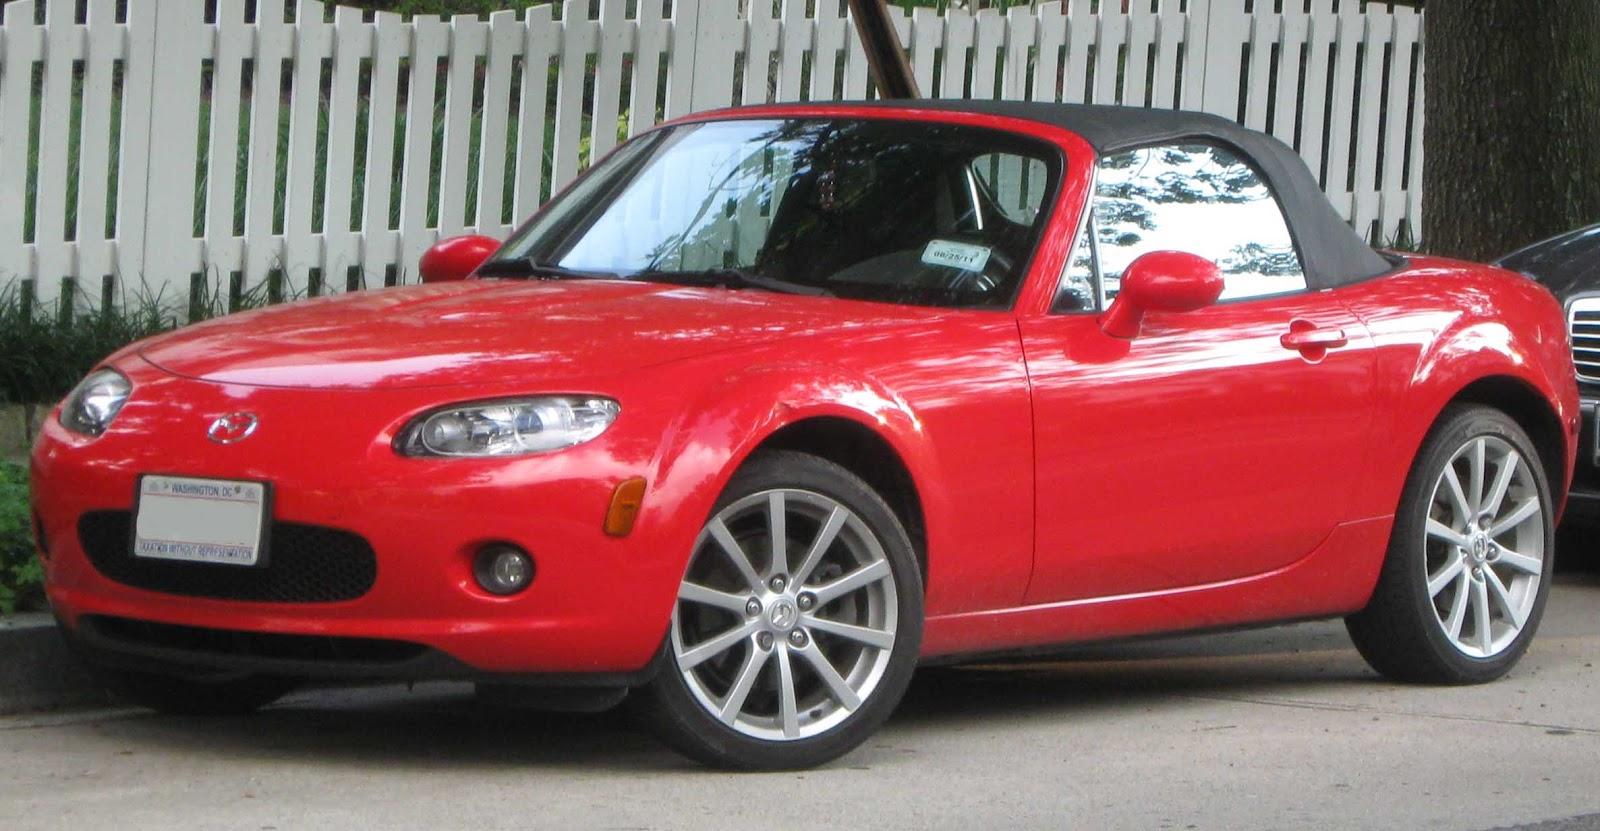 3rd_Mazda_MX-5_--_06-14-2010.jpg